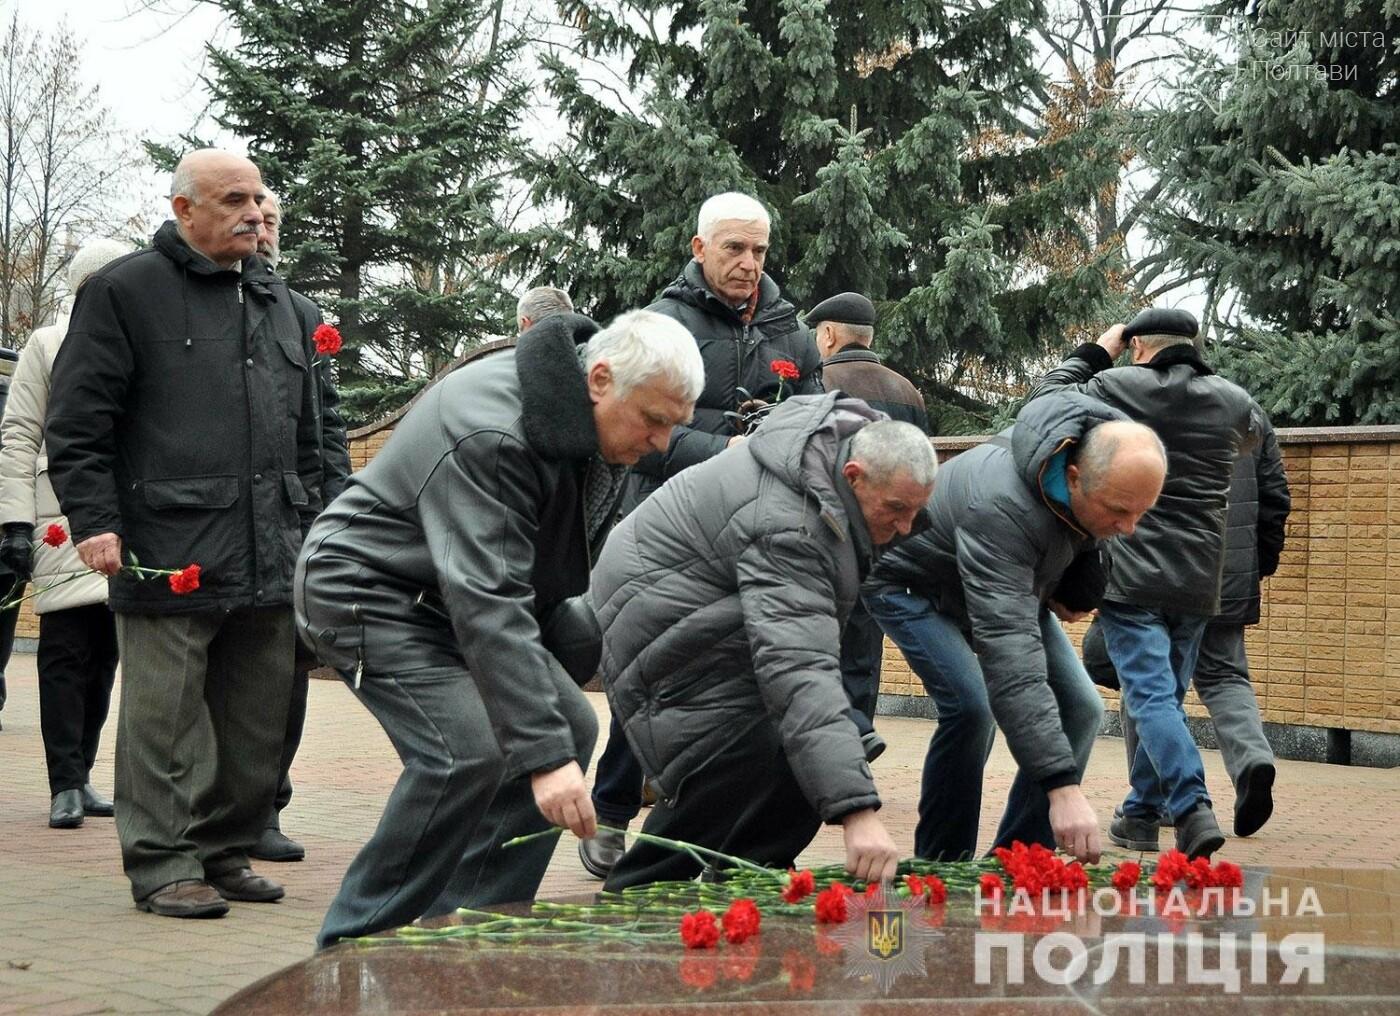 Поліція Полтавщини вшанувала пам'ять учасників ліквідації наслідків аварії на ЧАЕС, фото-5